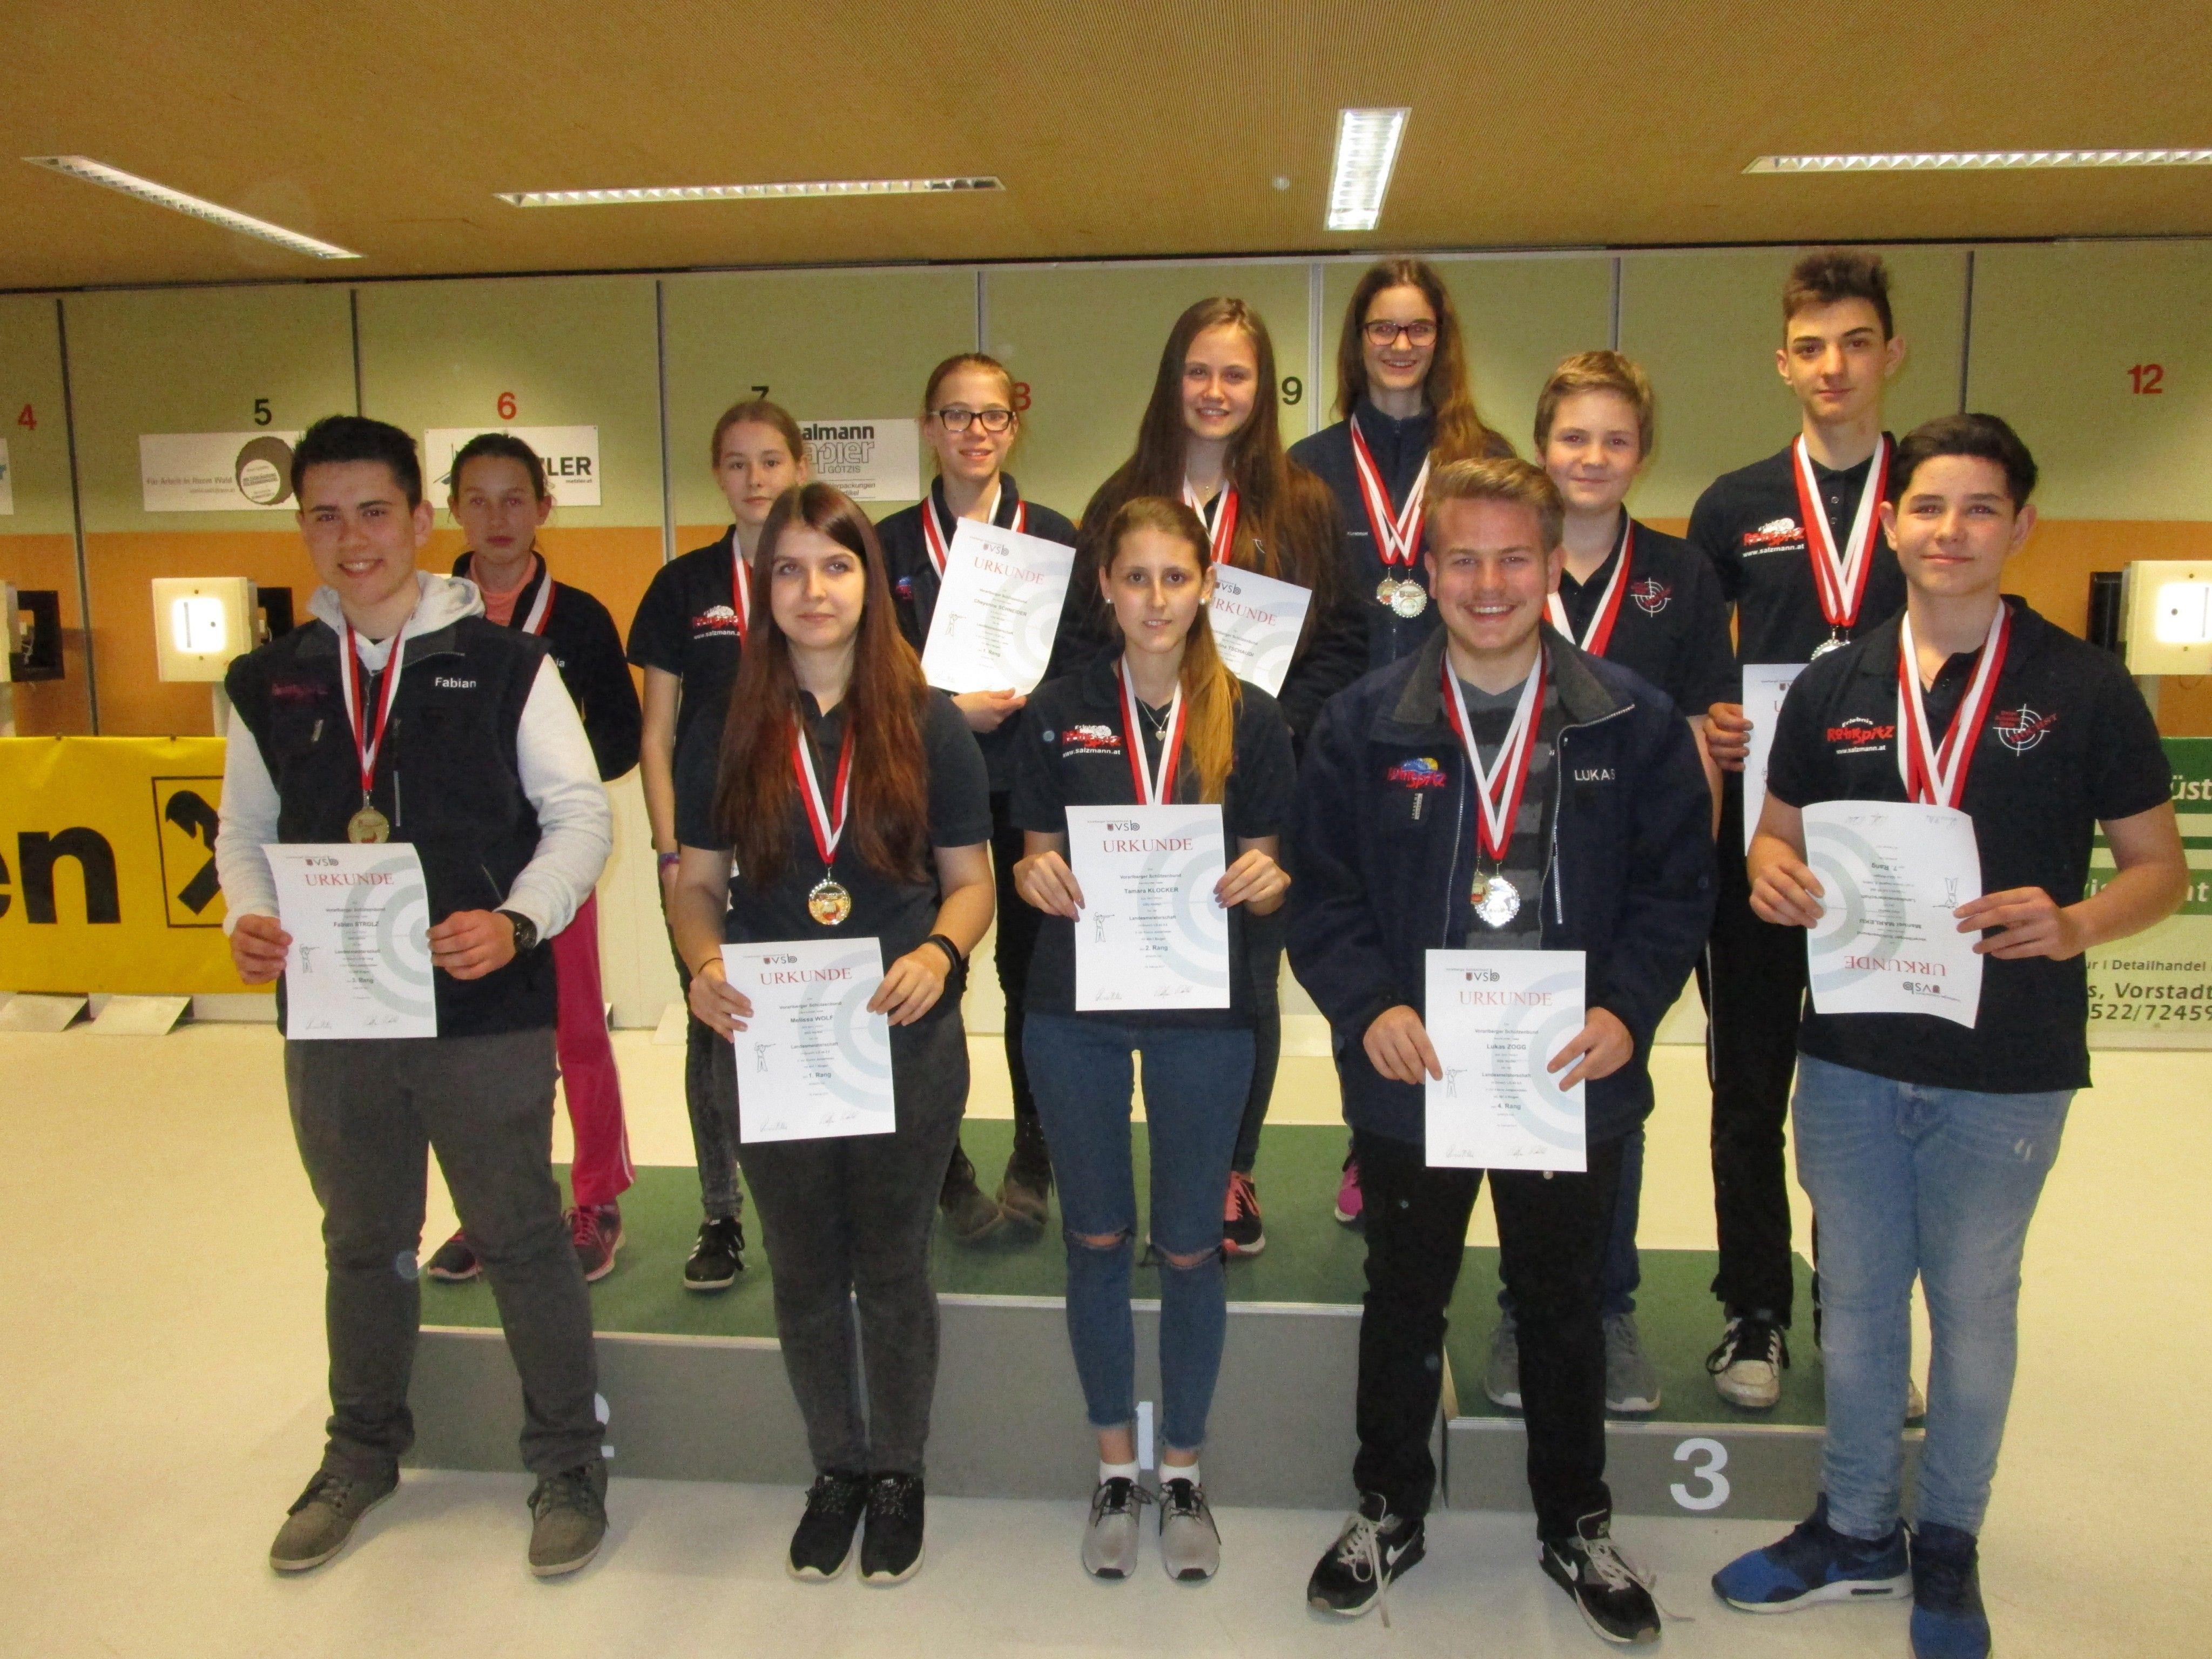 Landemeisterschaftteilnehmer Jugend